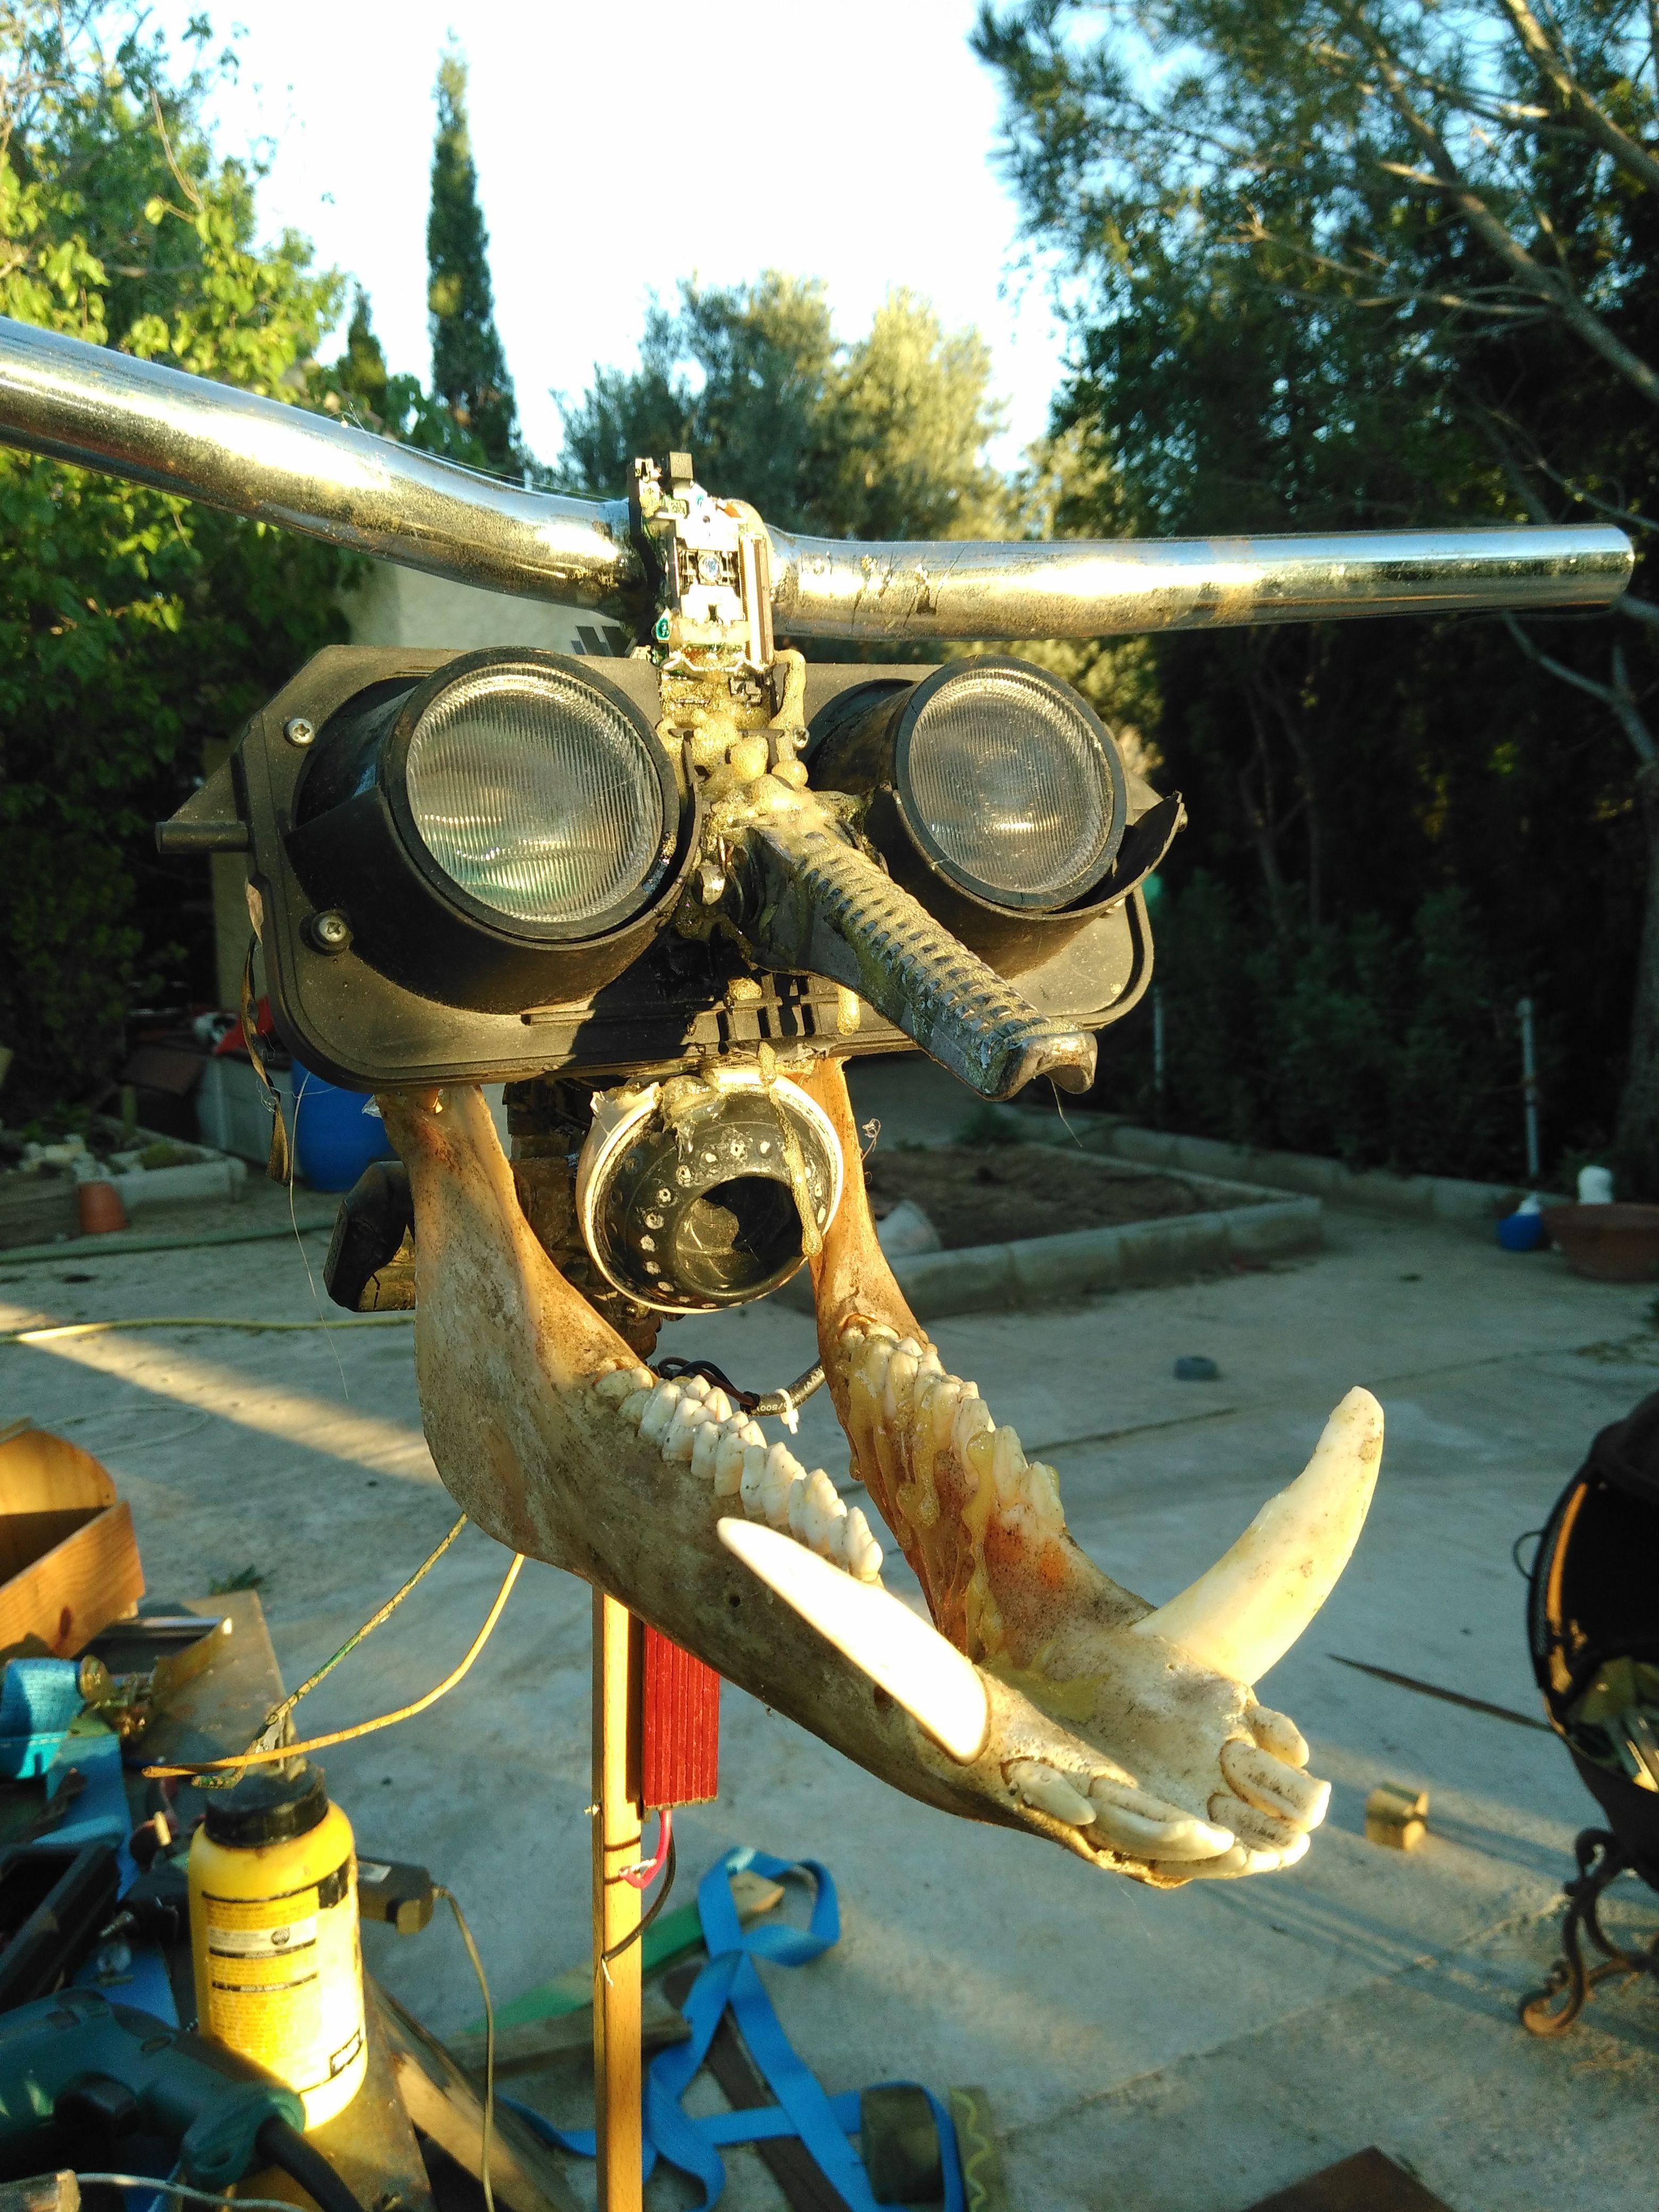 aberrante animal hecho con mandibula de jabali ojos de faro de moto manillar etc